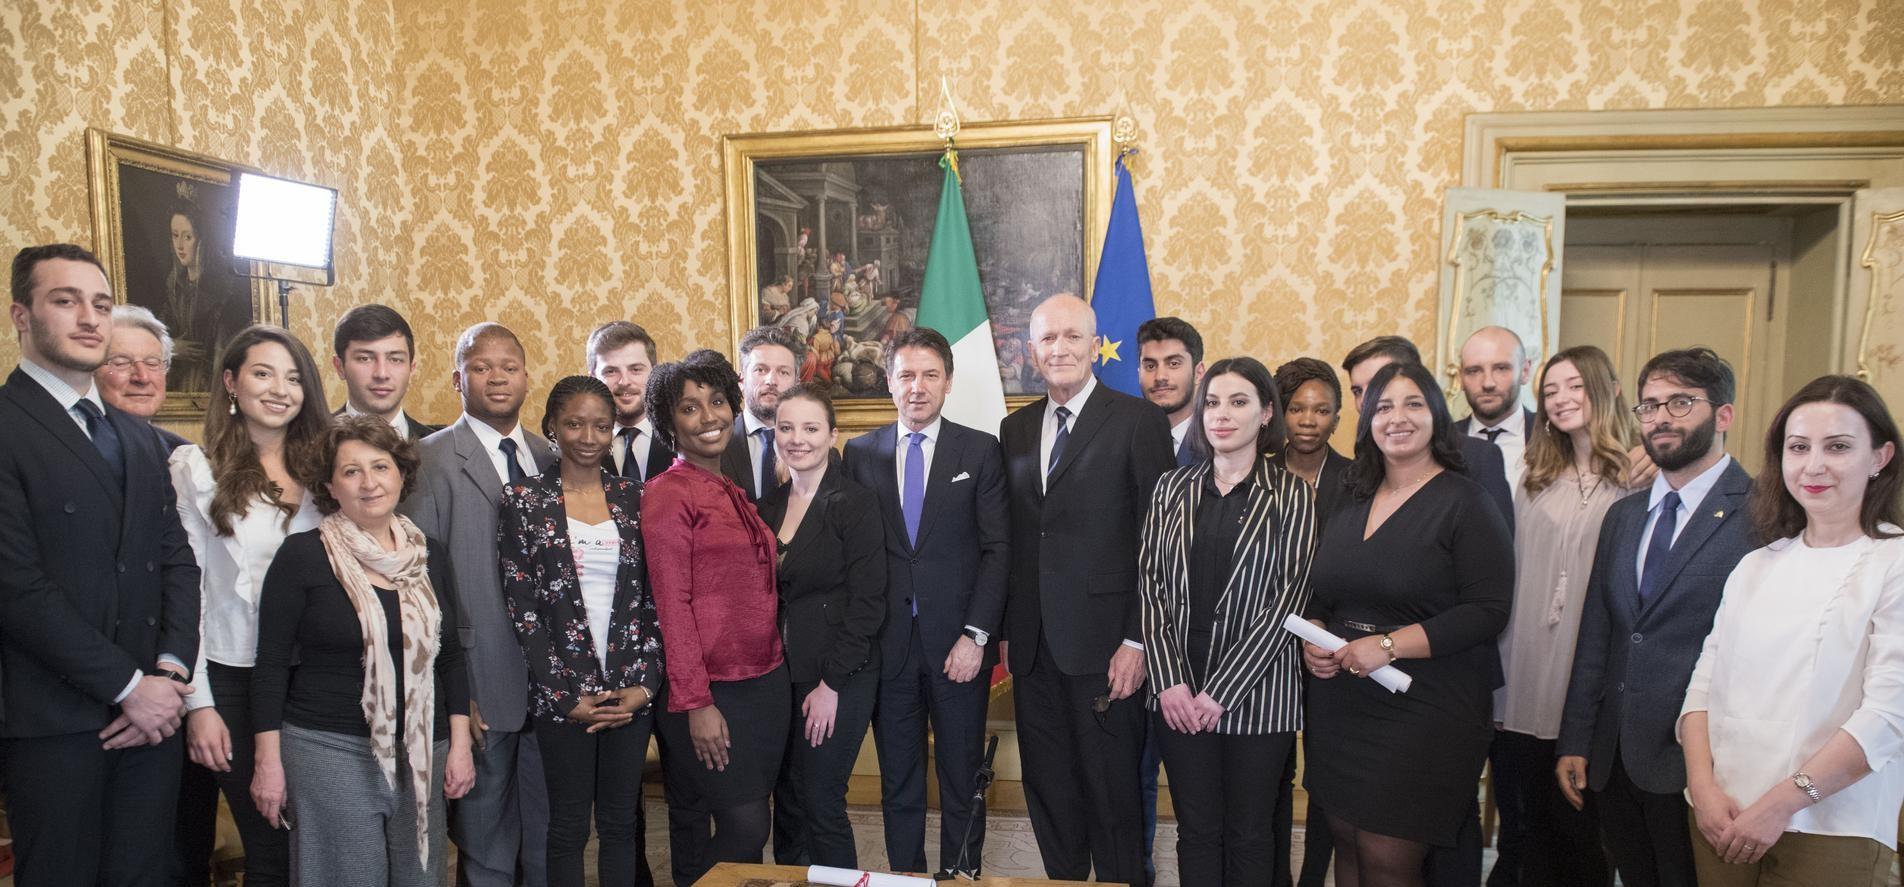 Leaders for Peace, il premier Conte in visita a Rondine per il sostegno dell'Italia